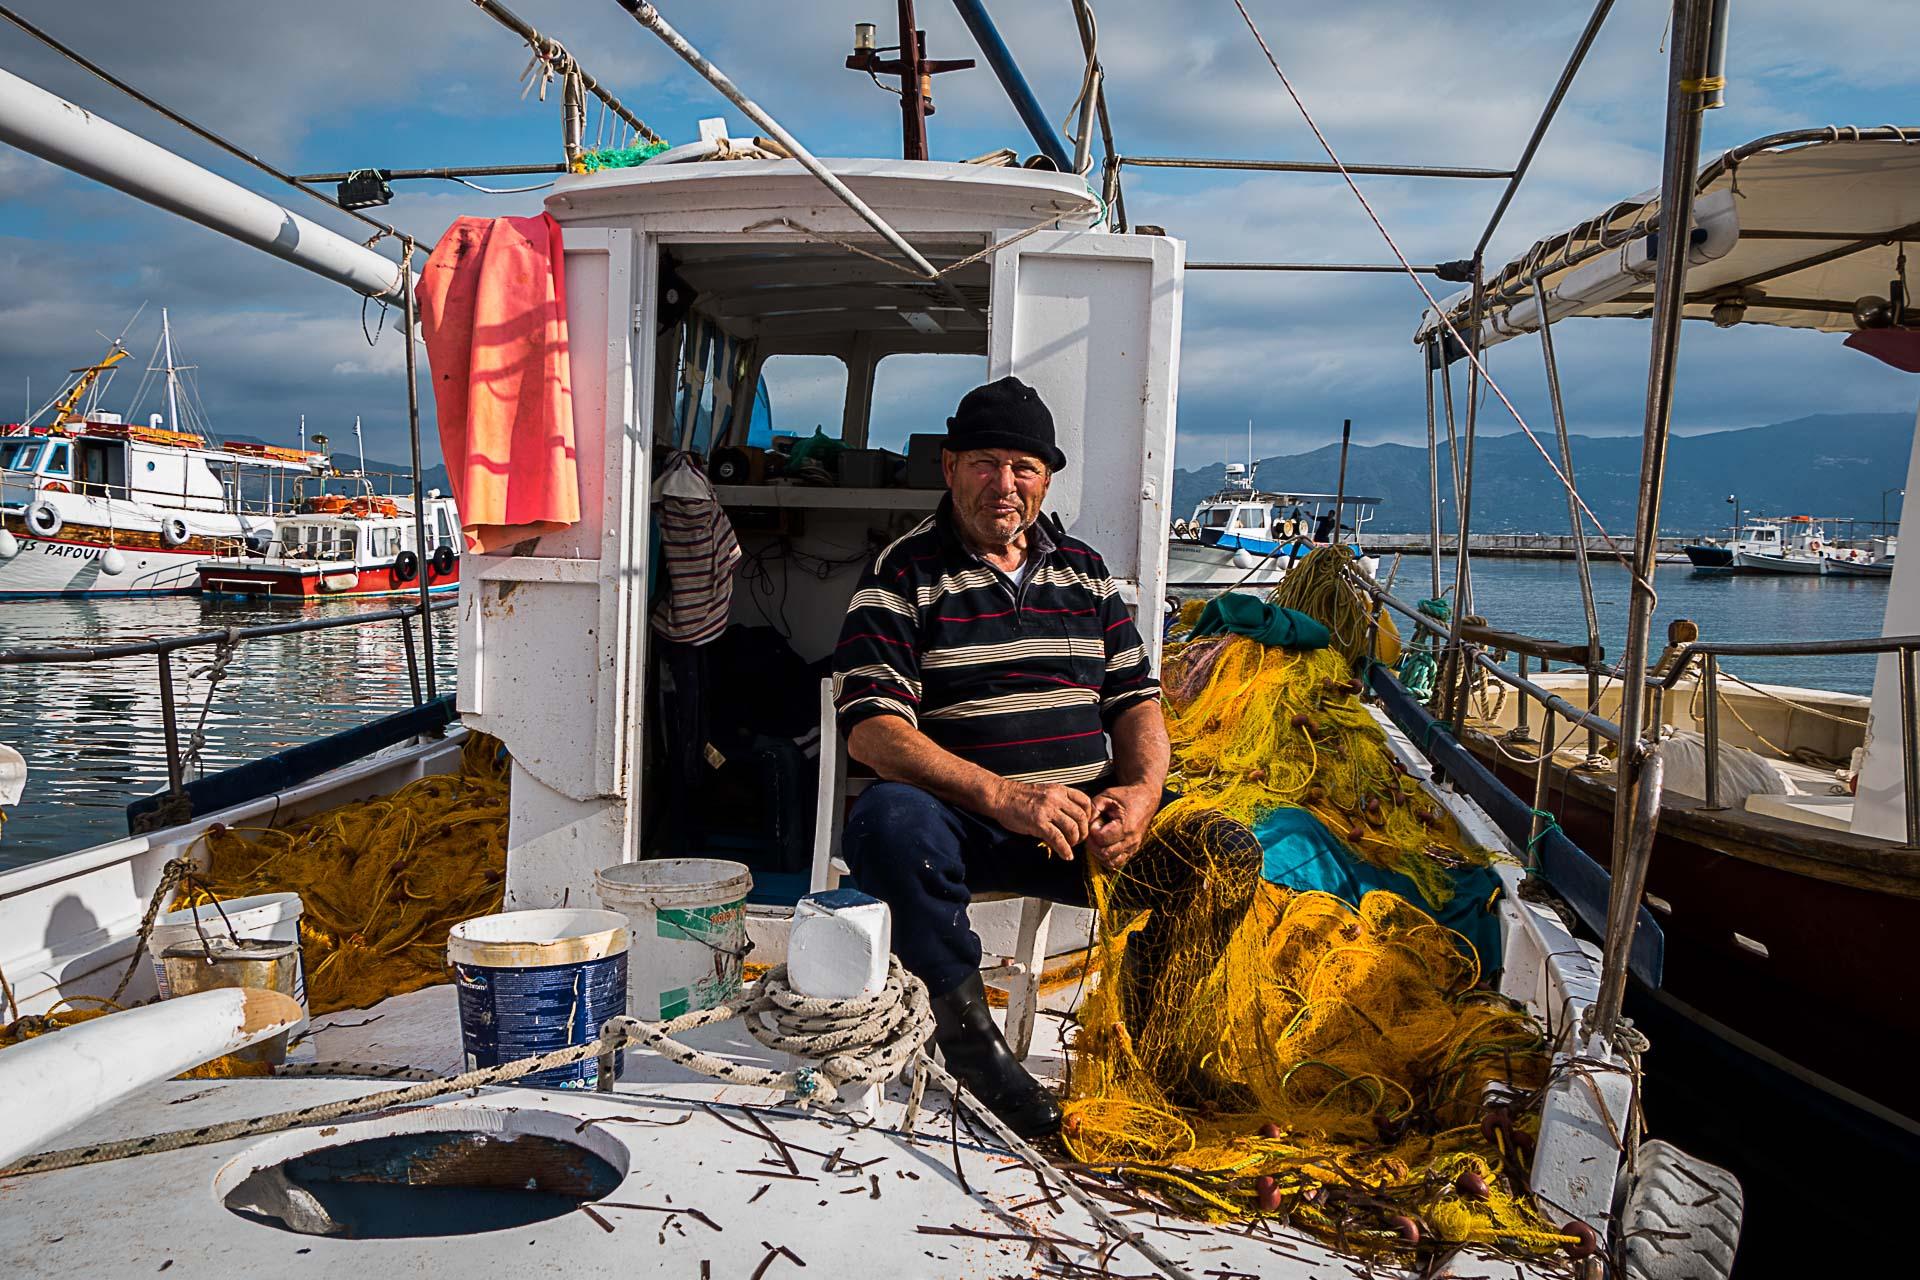 Pescar in Grecia